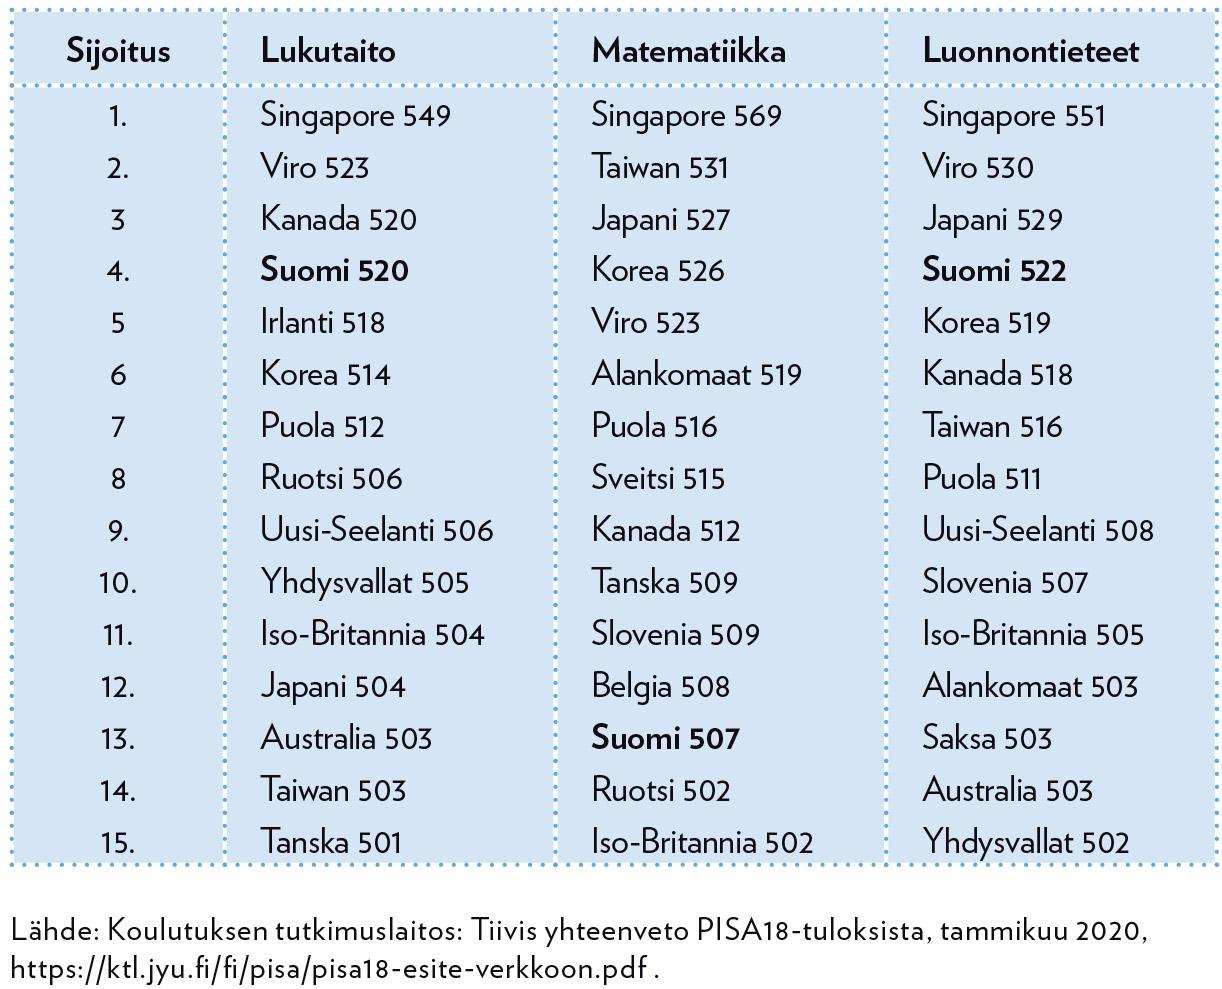 Vuoden 2018 PISA-tutkimuksen 15 parasta maata lukutaidossa, matematiikassa ja luonnontieteissä, pistekeskiarvot.